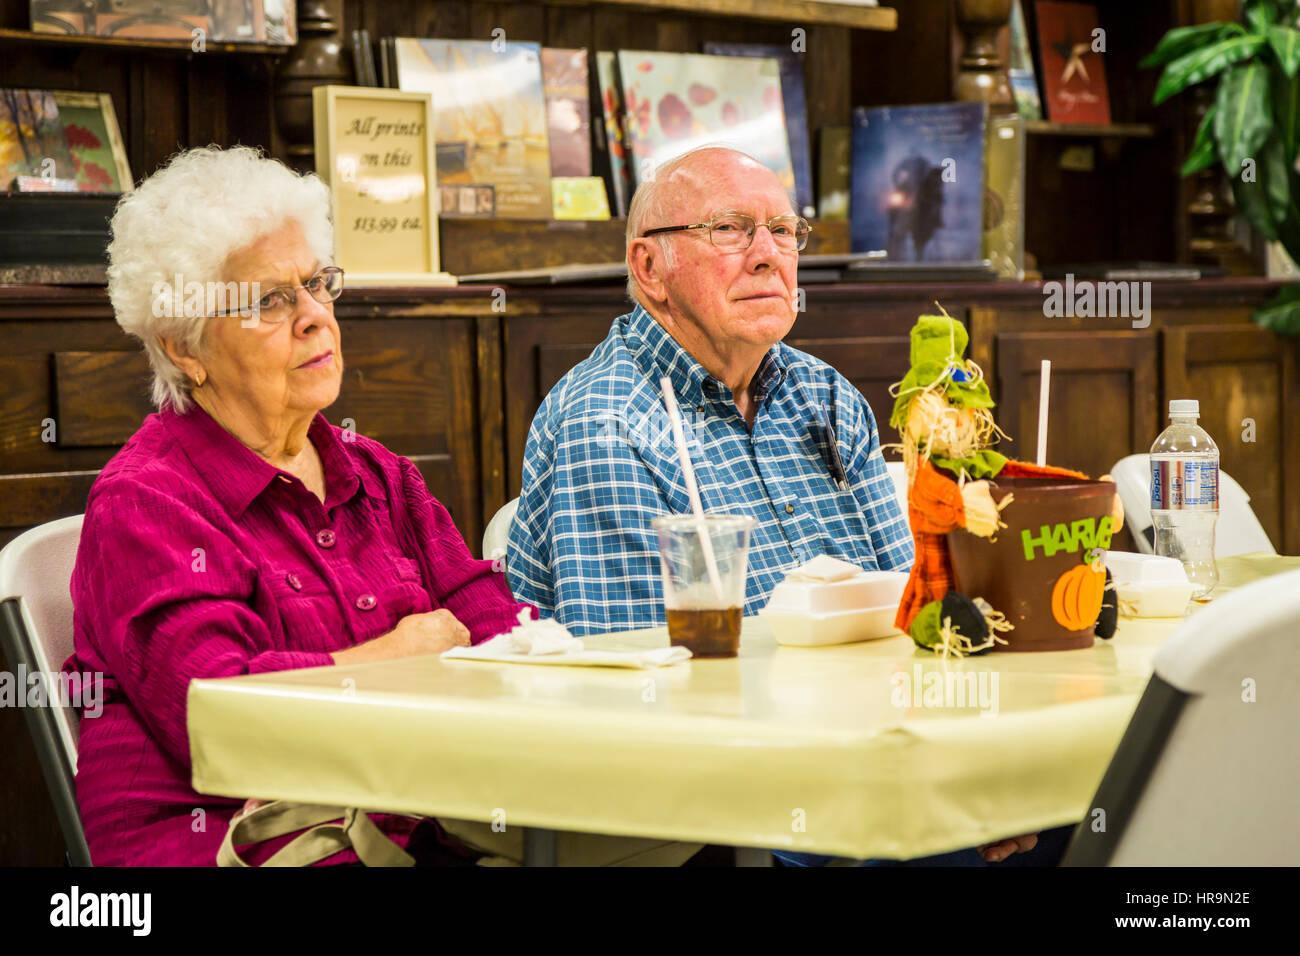 Senioren mit Erfrischungen an einem kleinen Fotokiosk in der Nähe von Walnut Creek, Ohio, USA. Stockbild